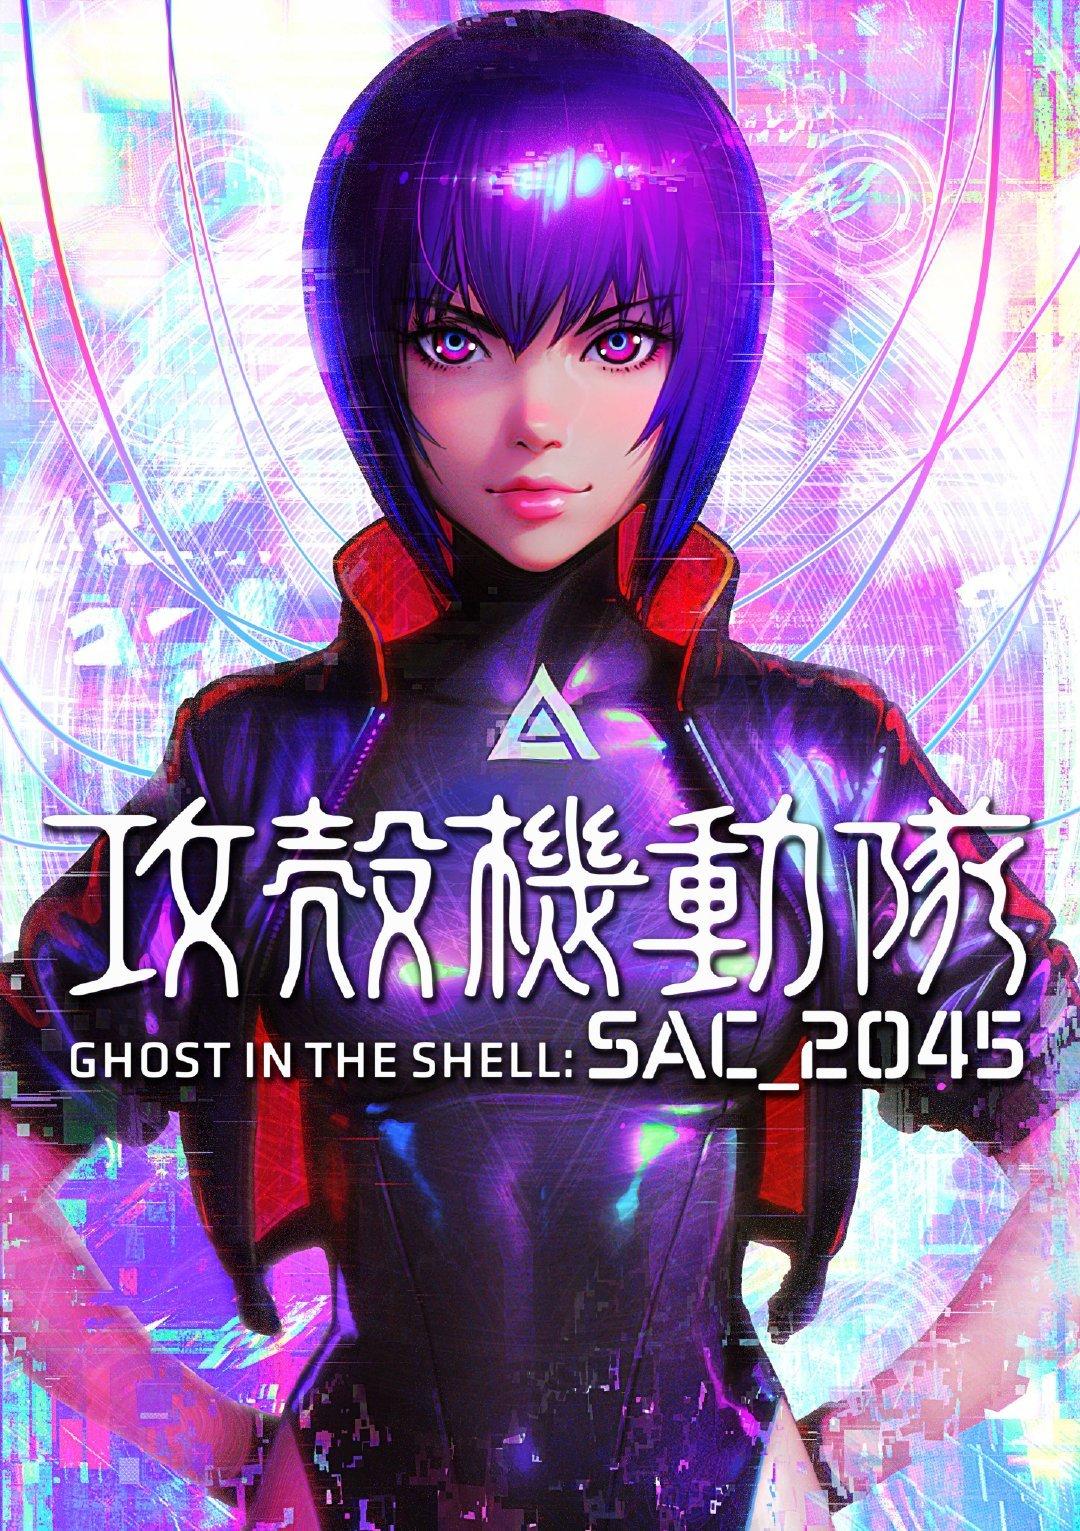 剧场版《攻壳机动队:SAC_2045》2021年上映-